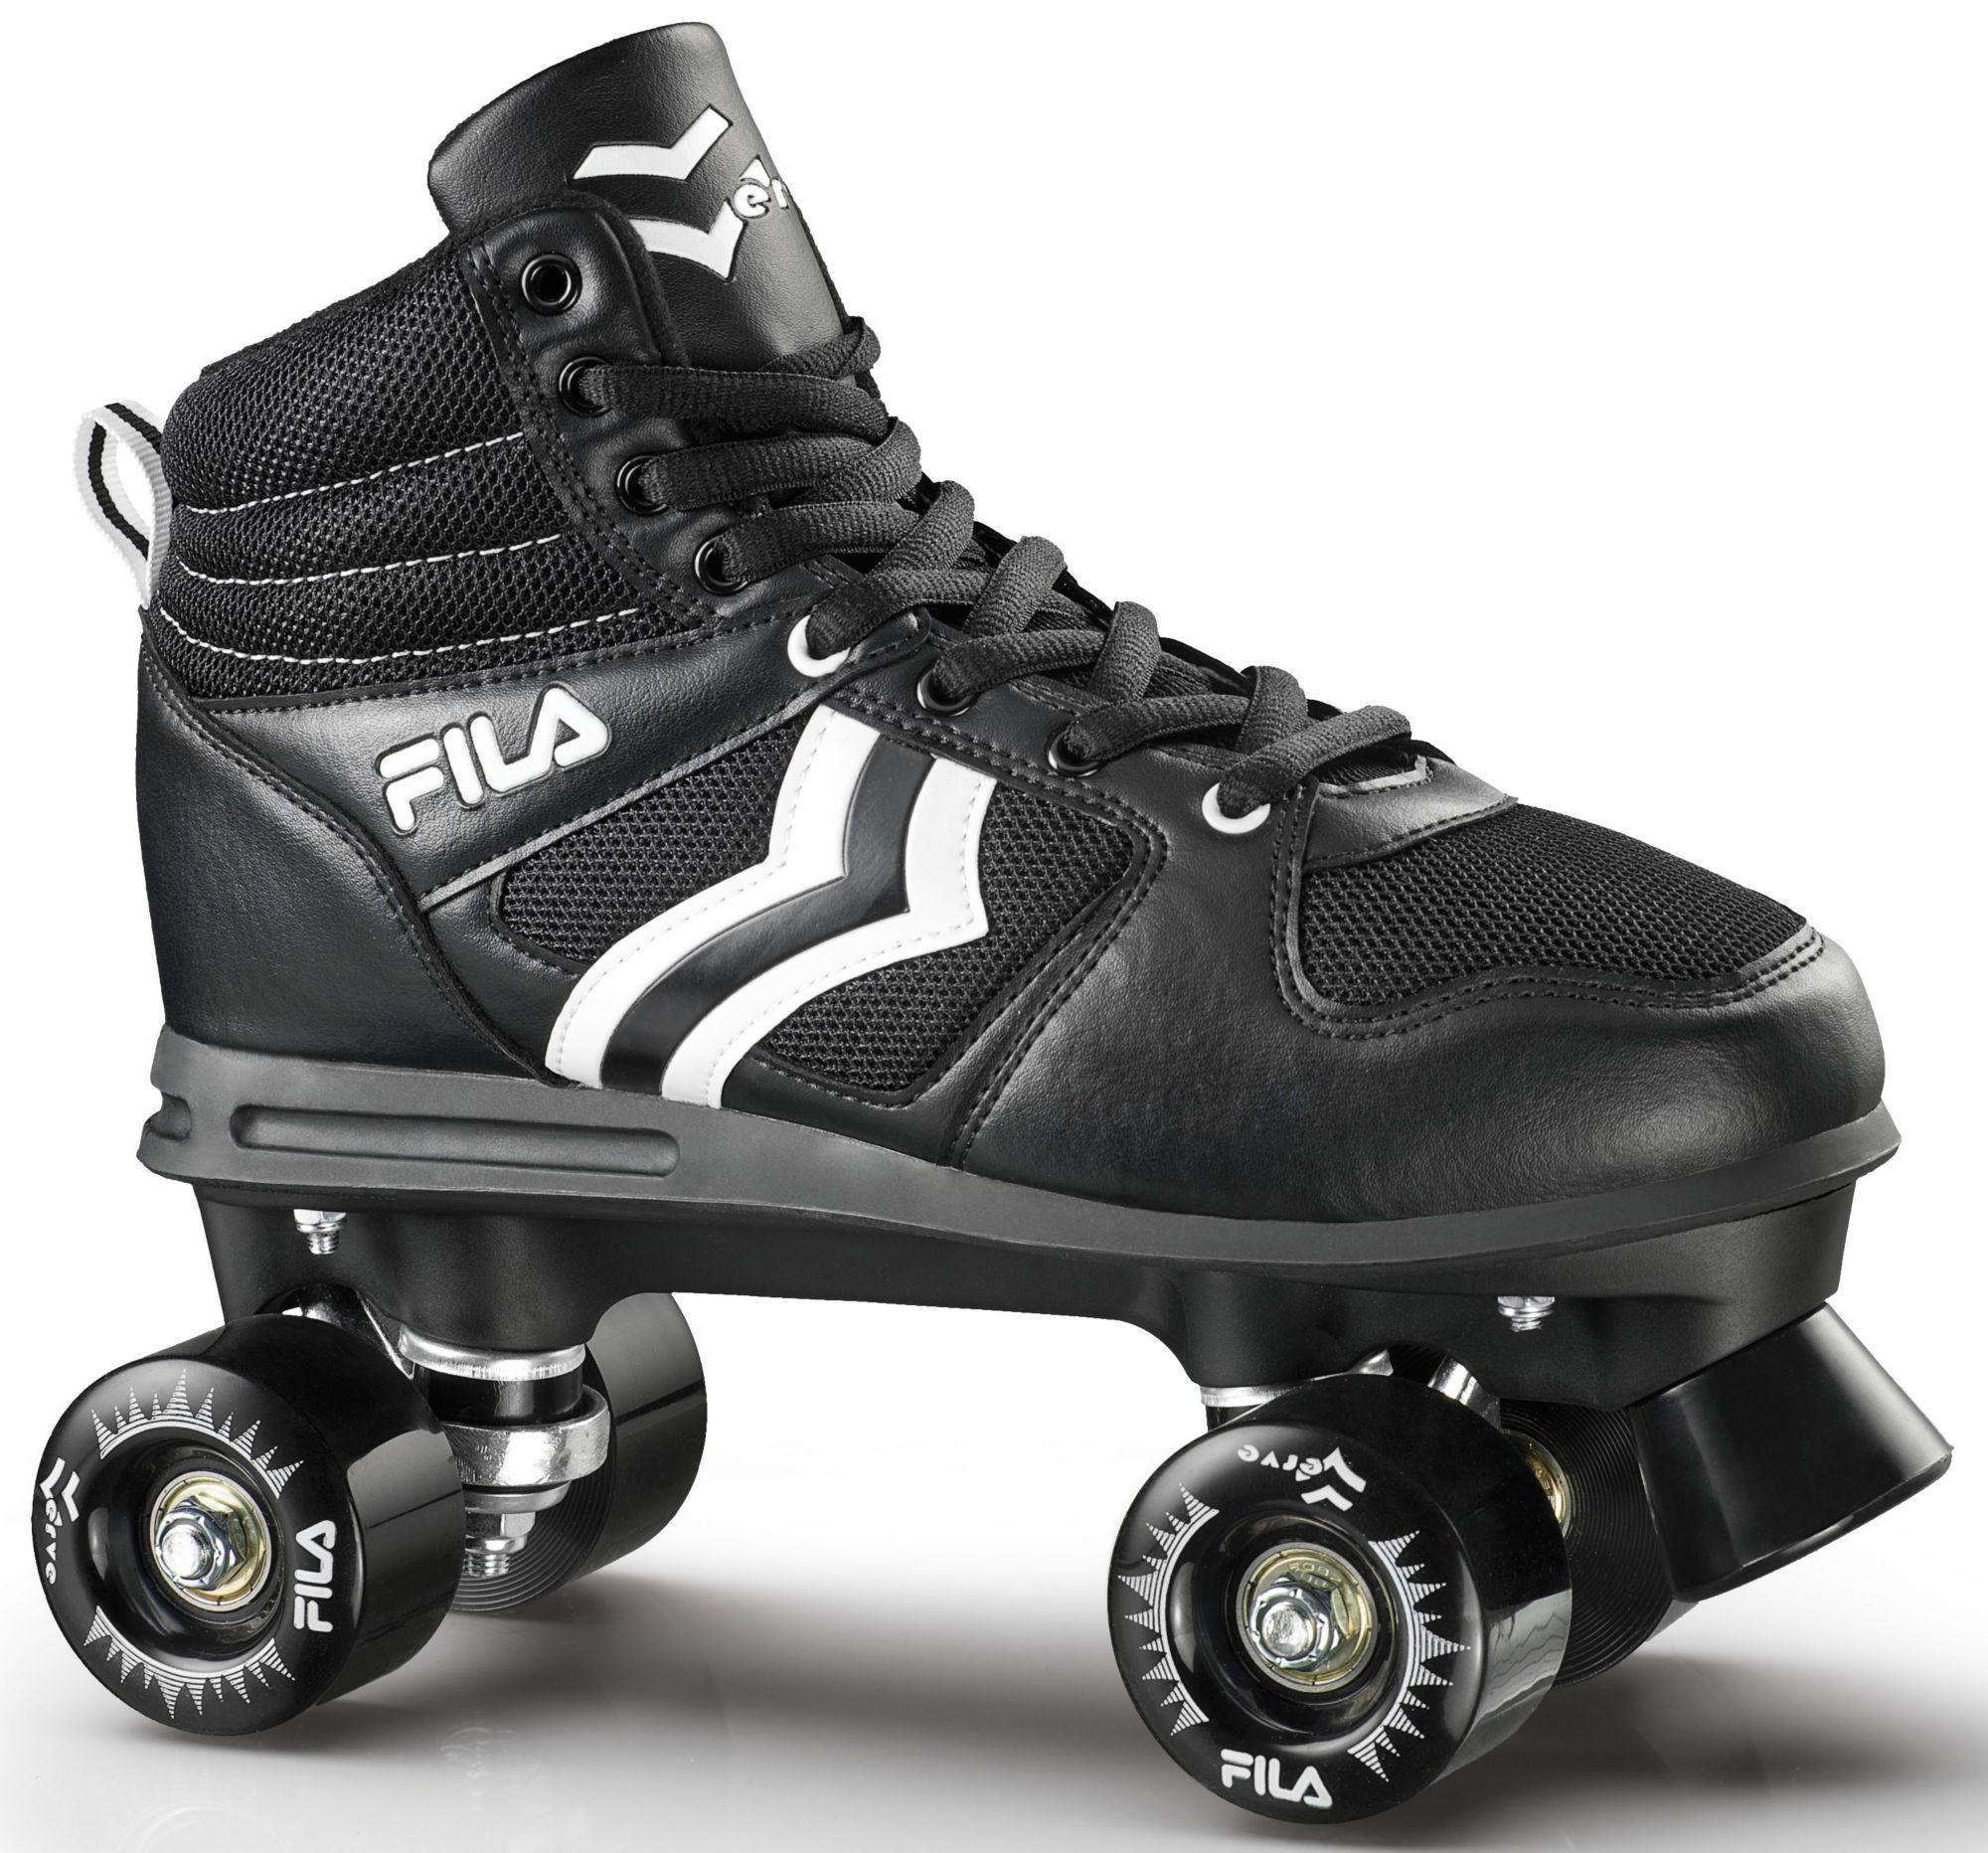 FILA Fila Roller Skates schwarz/weiß, »Verve Herren«